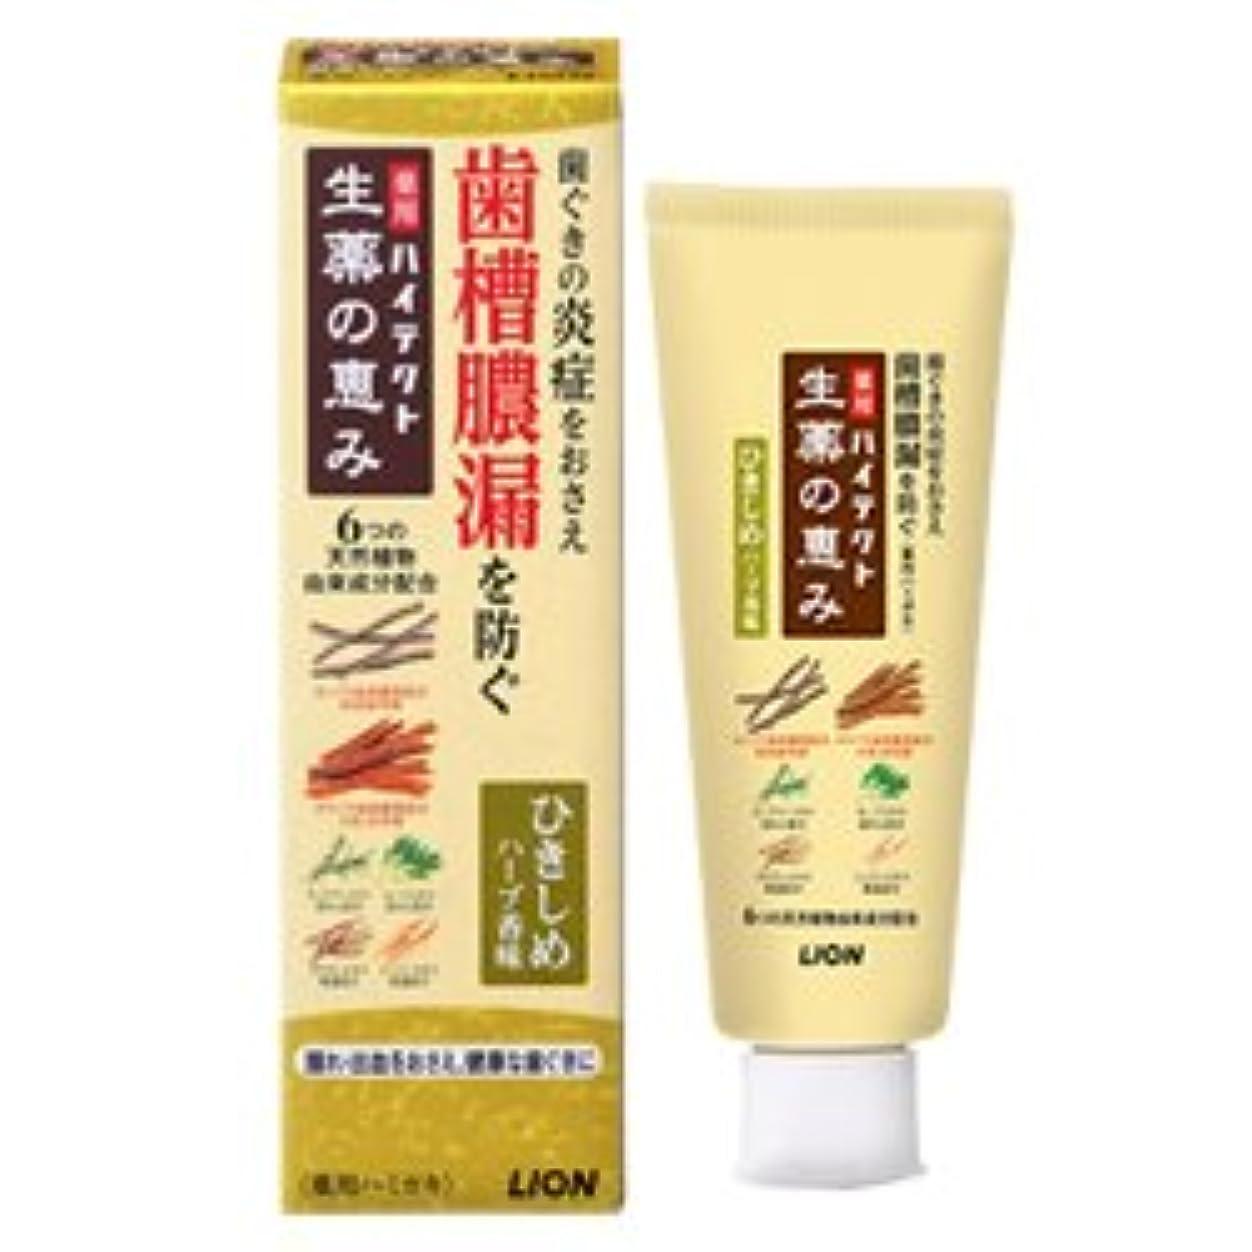 計算読者スロープ【ライオン】ハイテクト 生薬の恵み ひきしめハーブ香味90g×5個セット